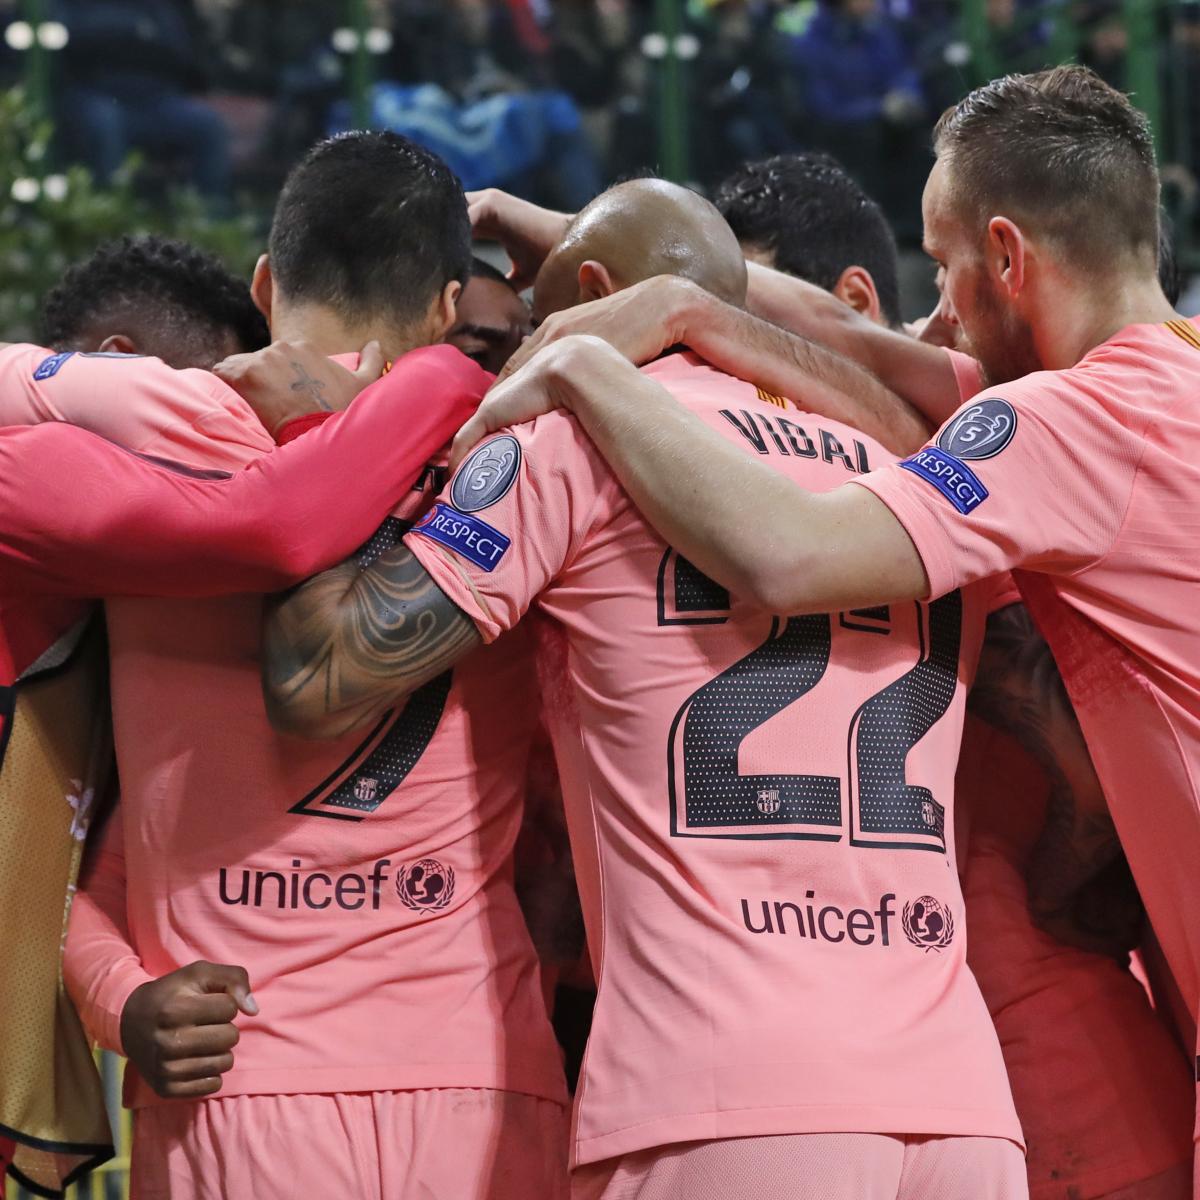 Barcelona Vs. Real Betis: Odds, Preview, Live Stream, TV